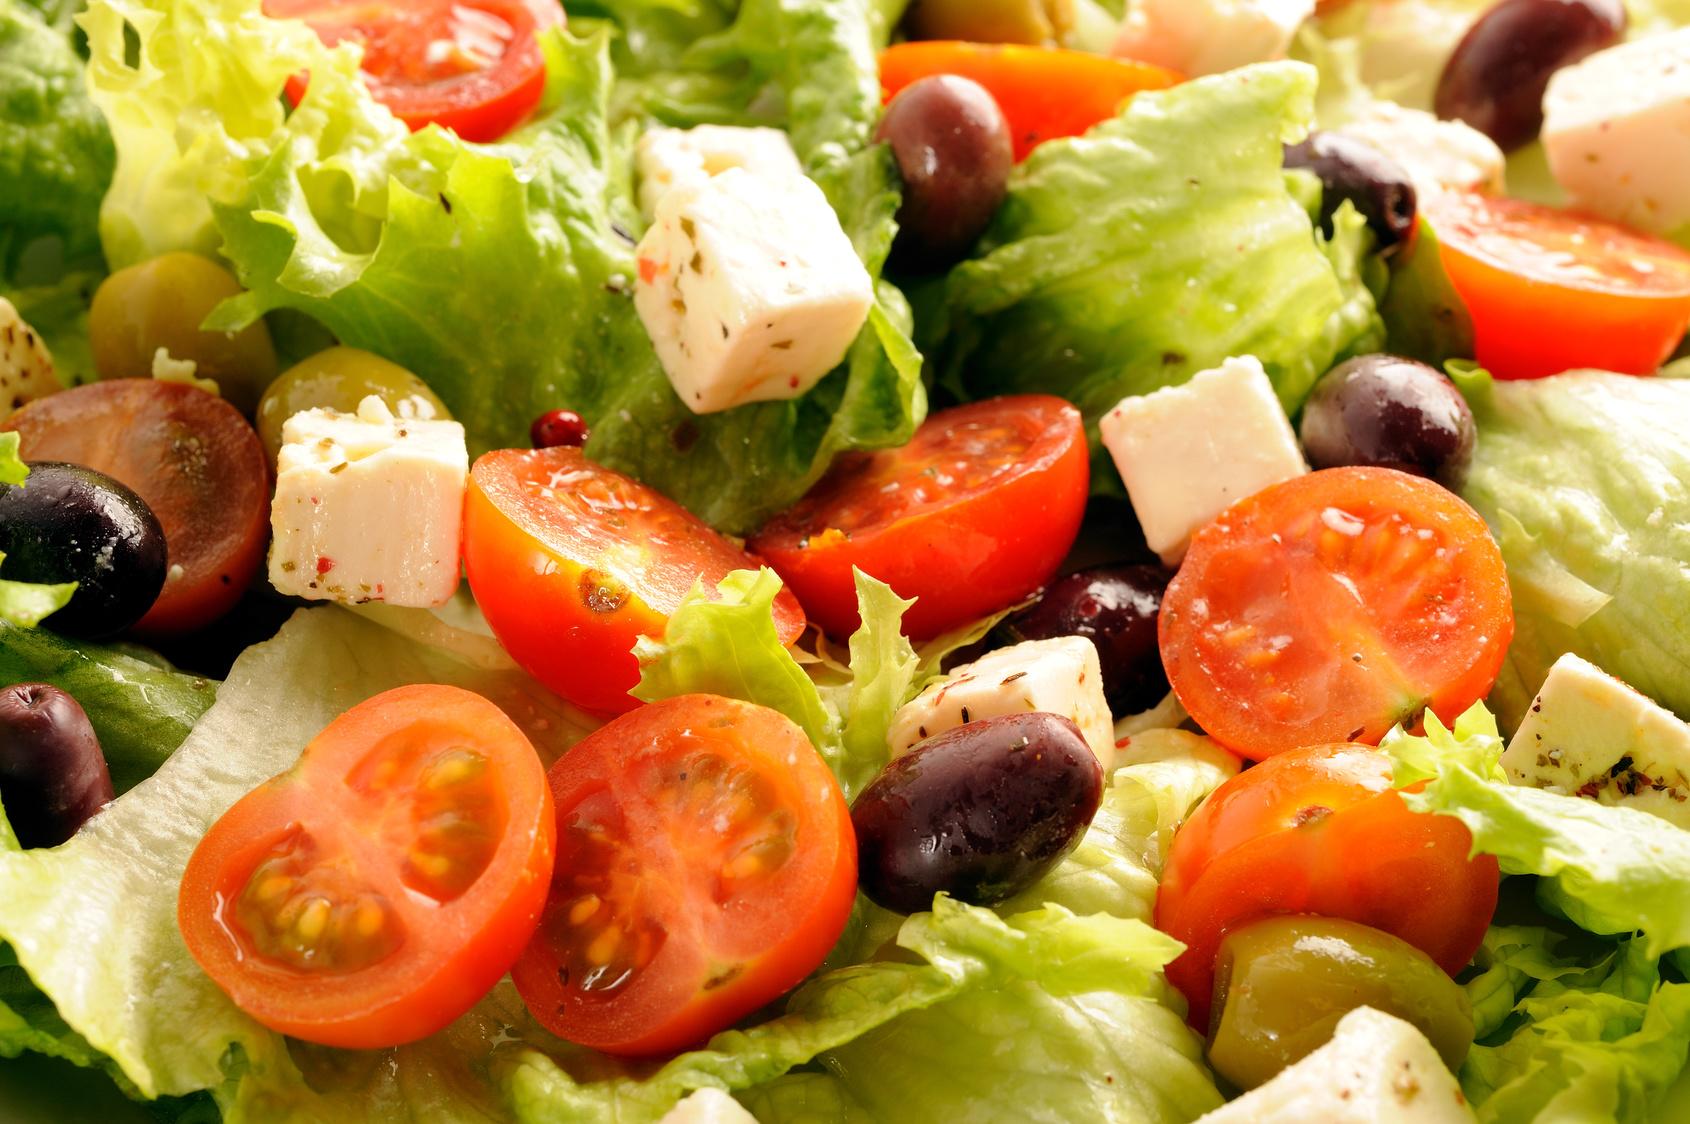 Salade, verte,compose,tomates,olives,fetas - Zen et Nature